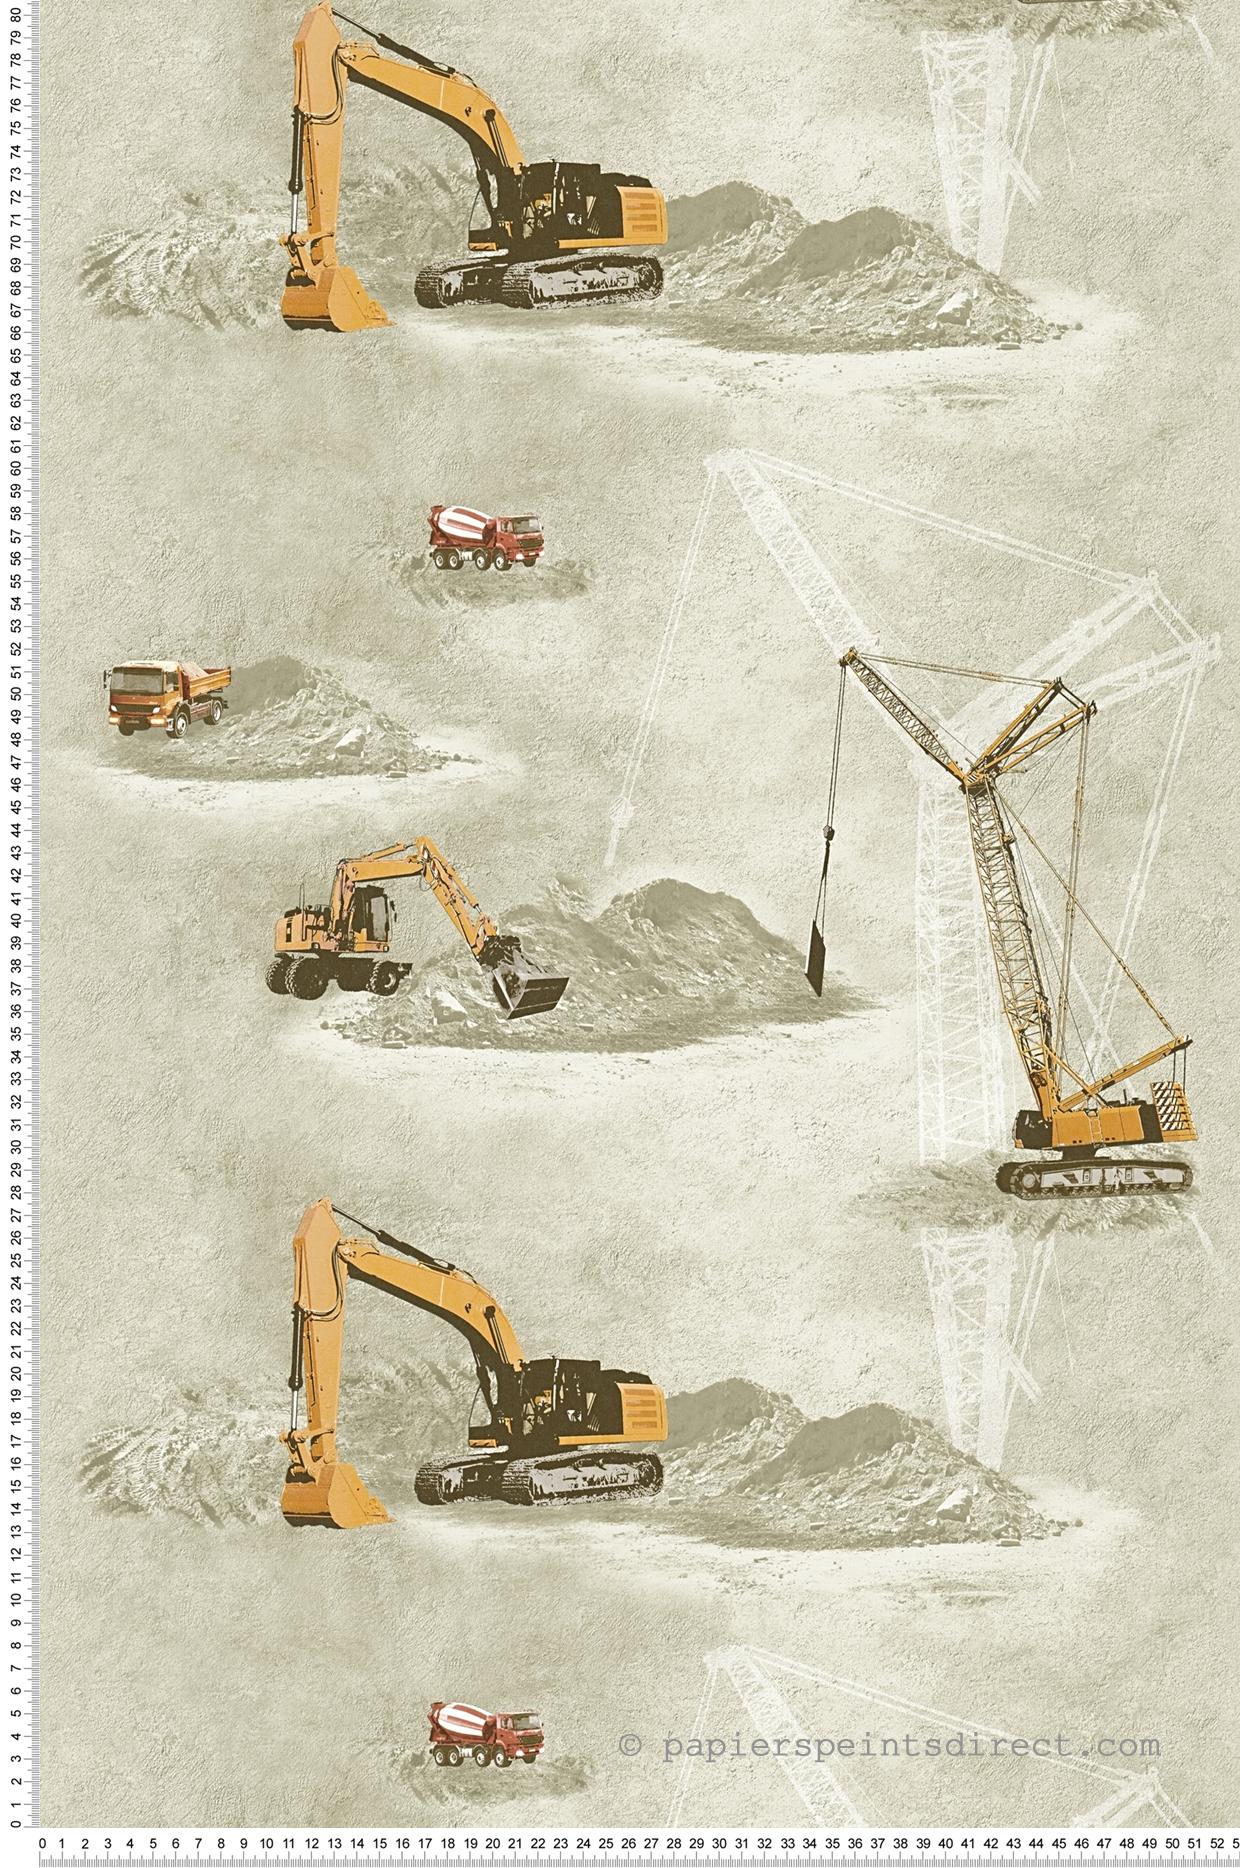 Papier peint chantier marron-beige et orange - Little Stars AS Création | Réf. SP04391